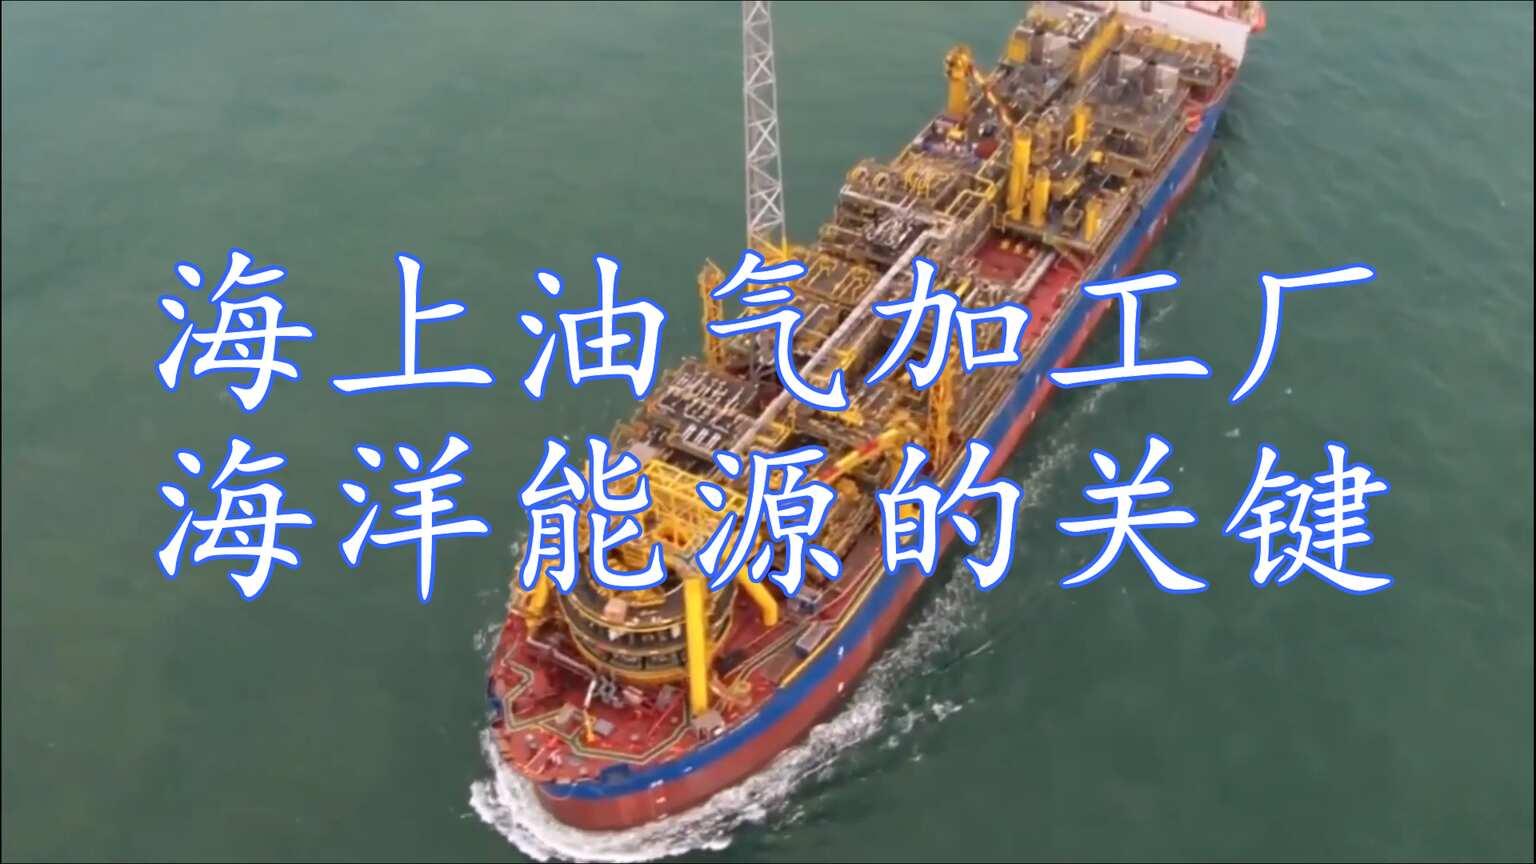 海上油气加工厂-FPSO,海洋能源的关键